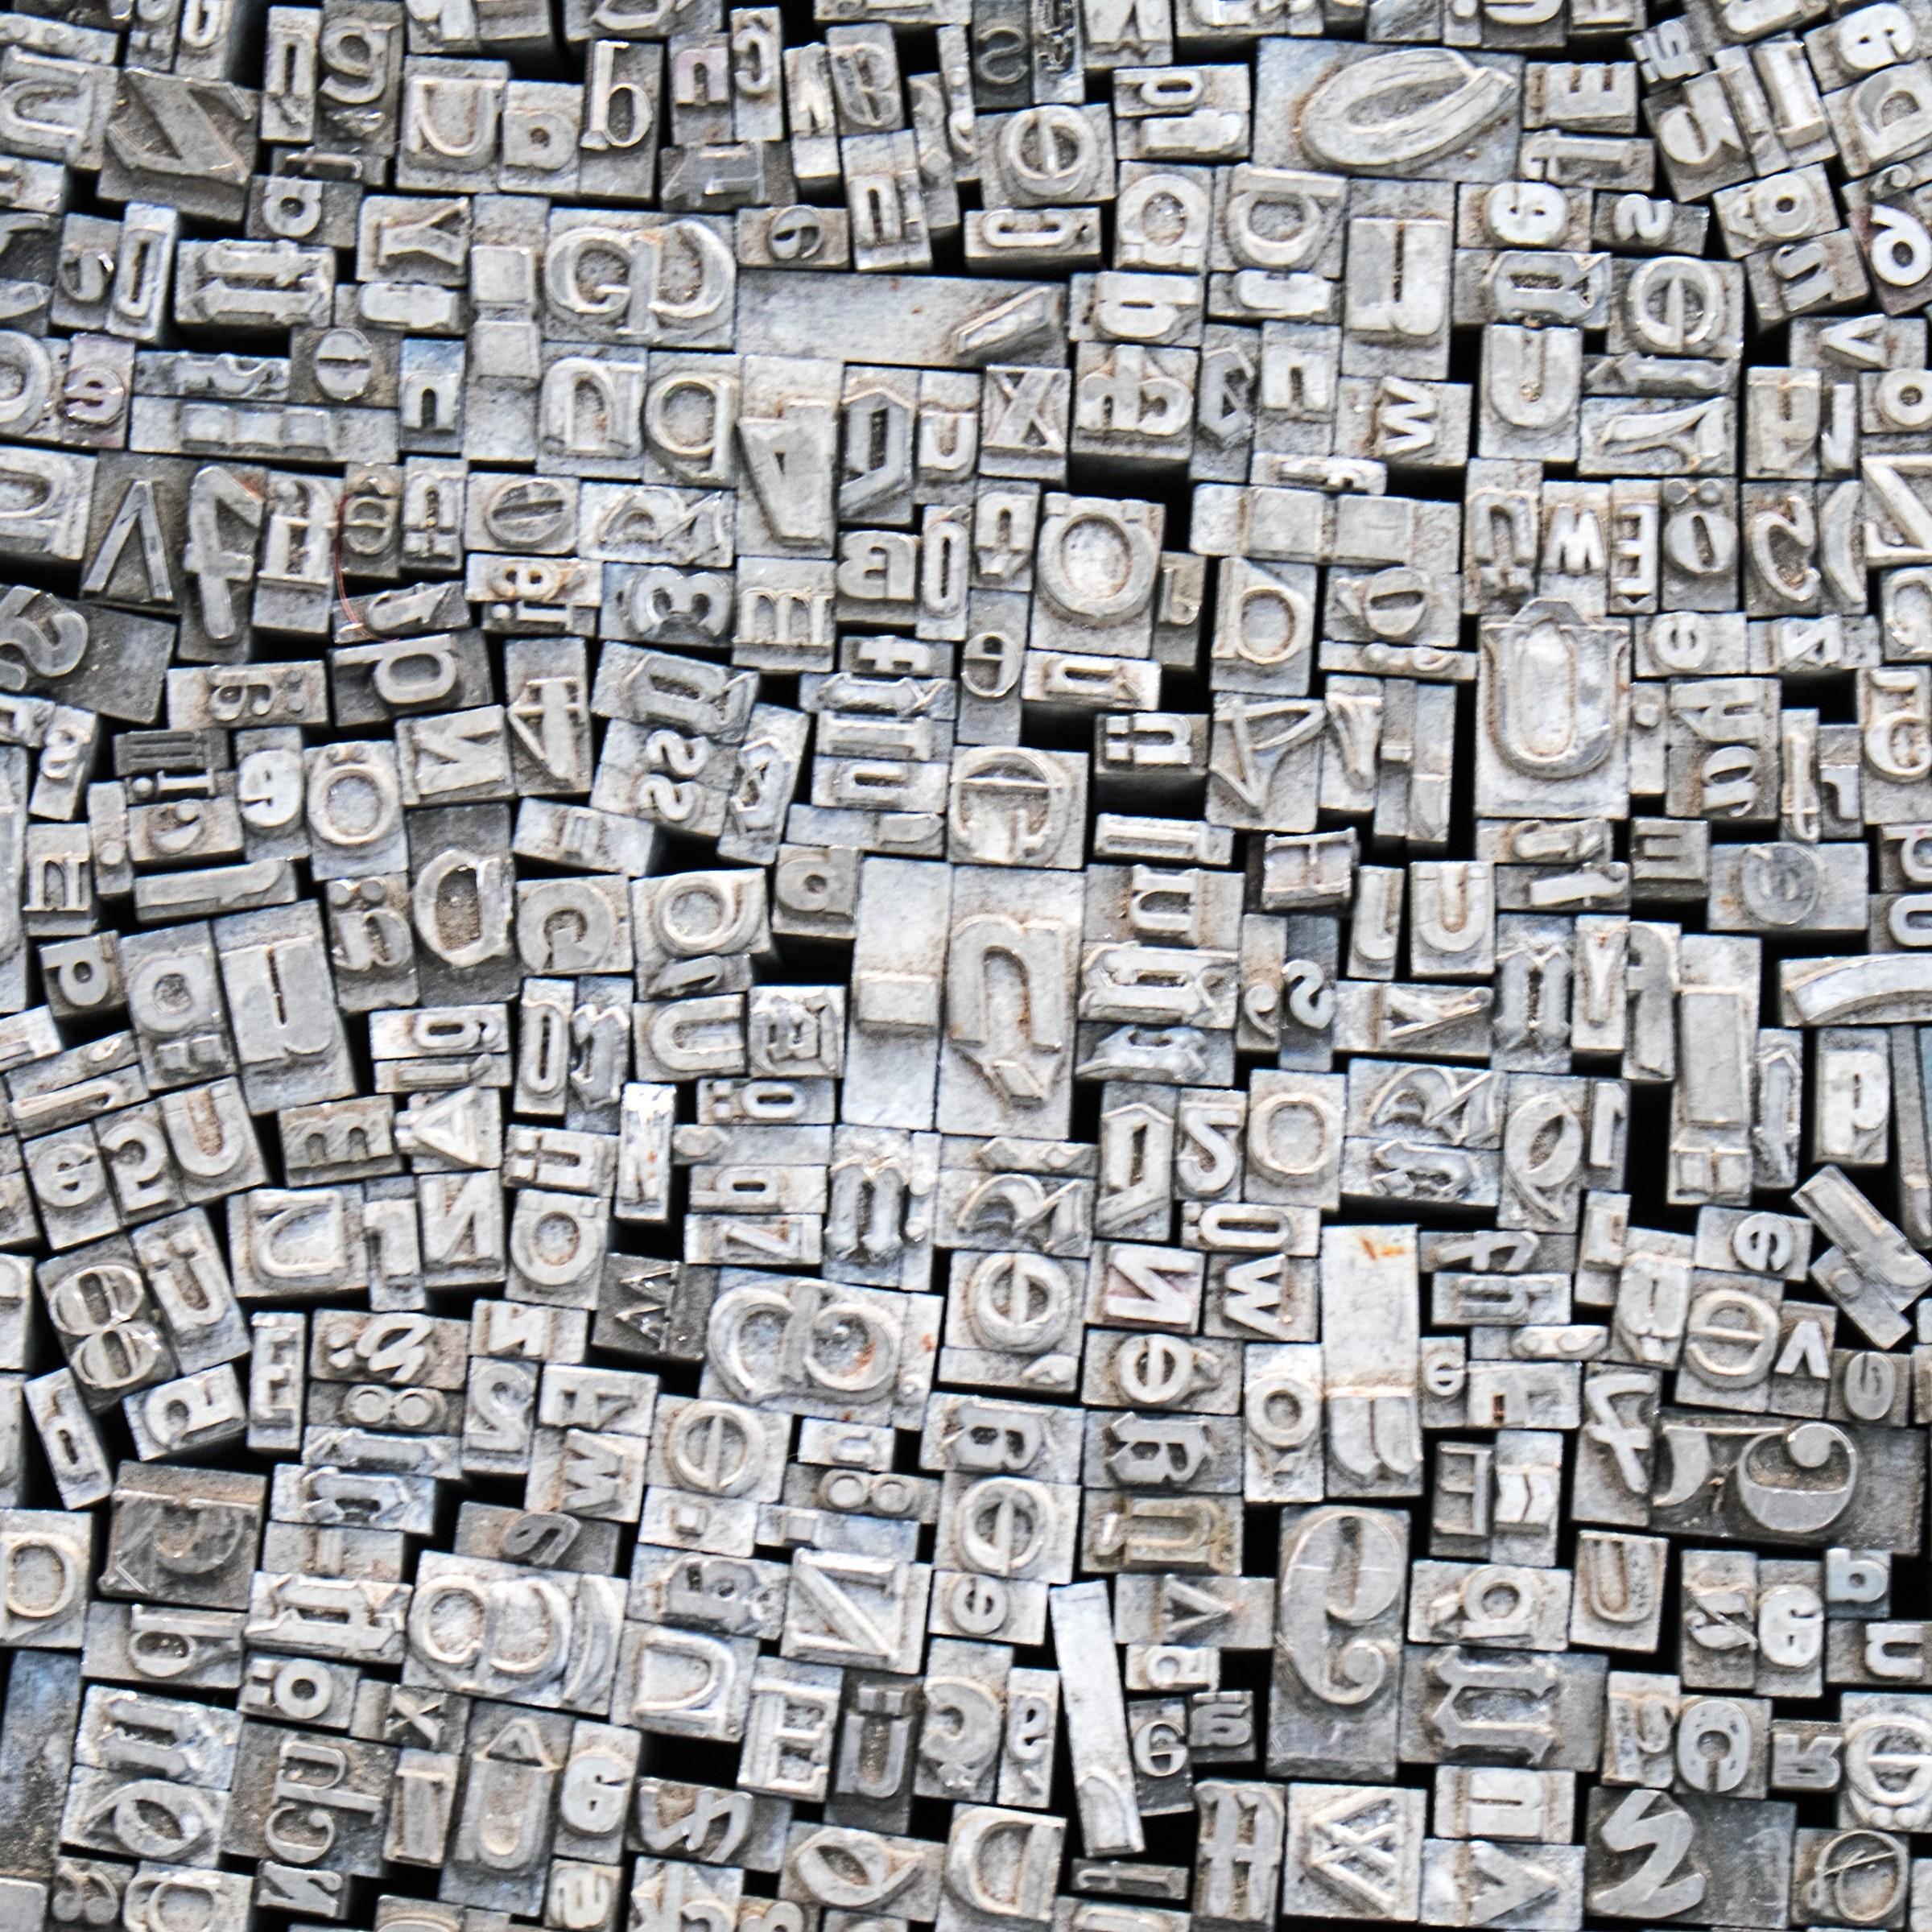 historic-typography-letters-pwebzes